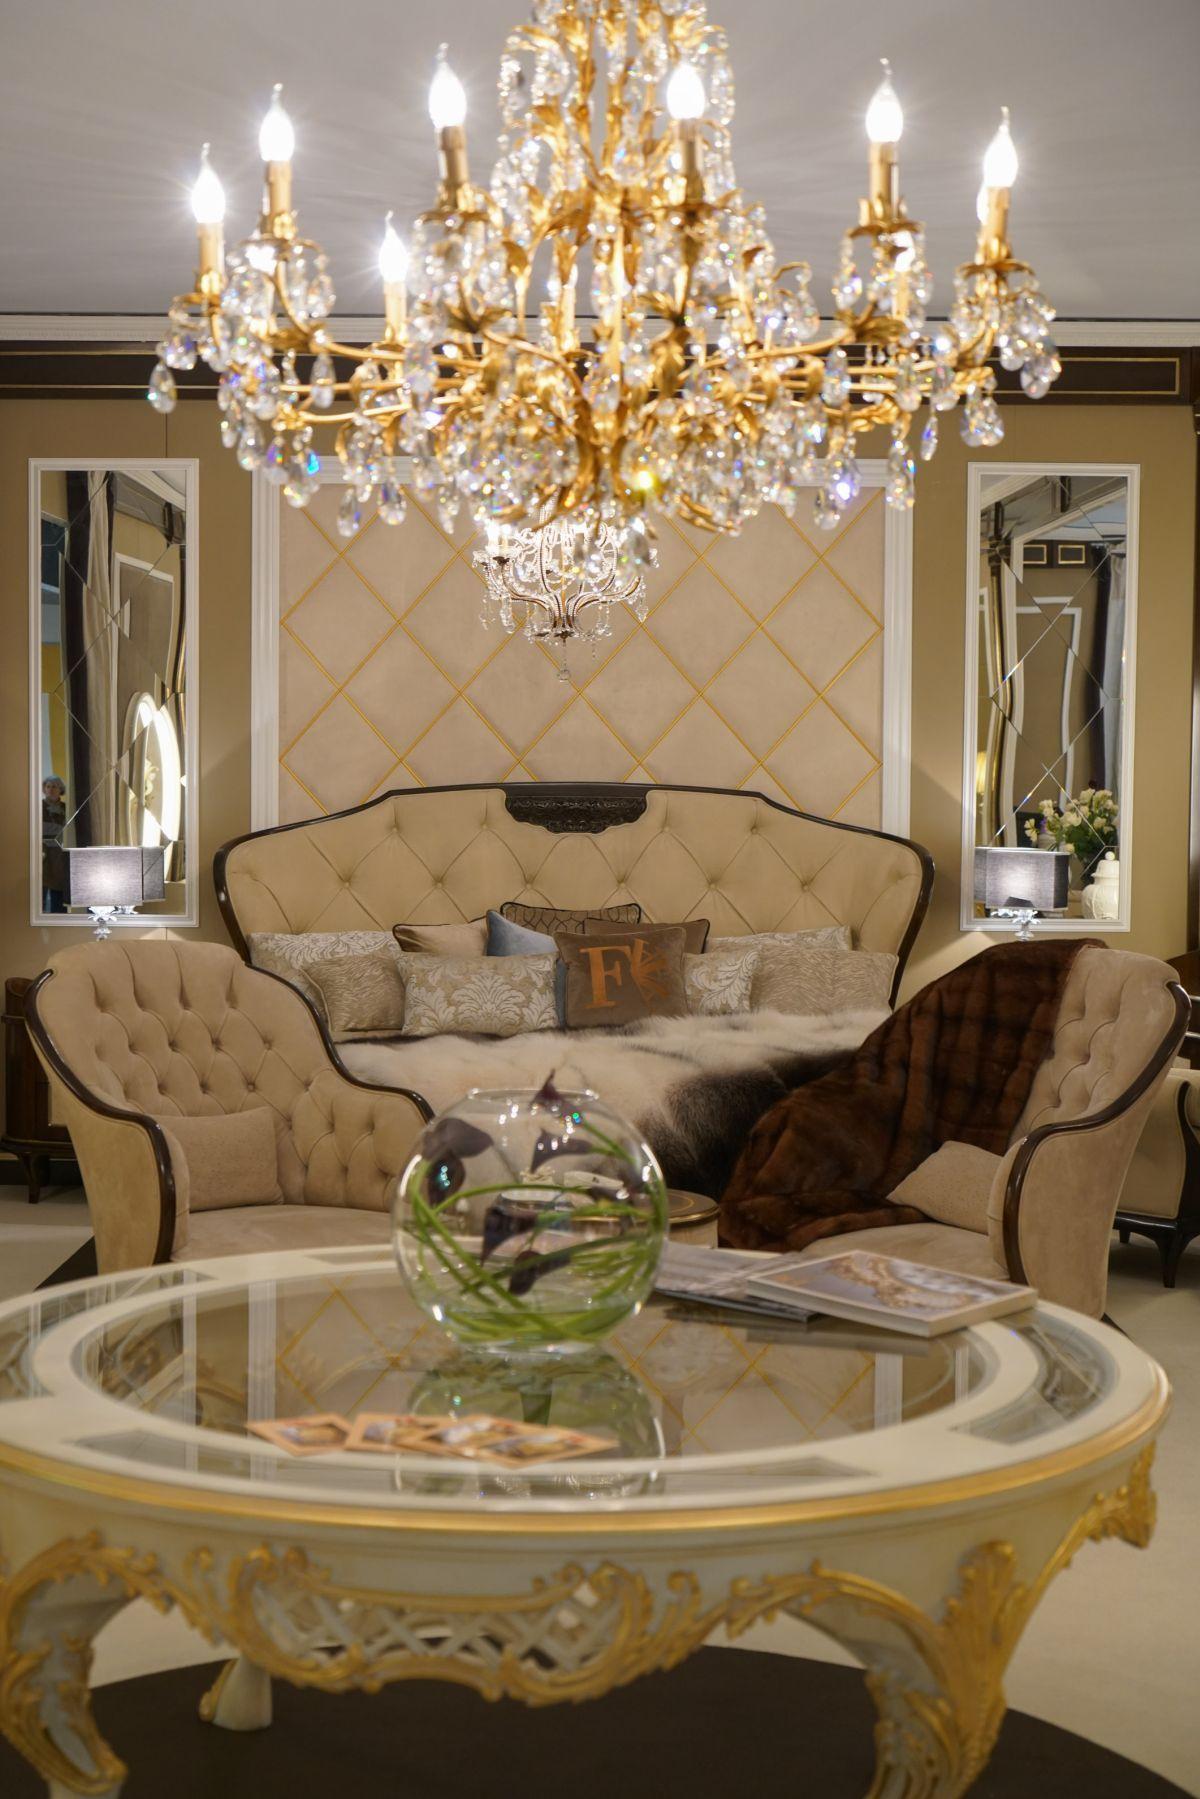 Neue stil zu hause design-bilder luxusmöbel fügen eleganz und stil zu einem haus hinzu